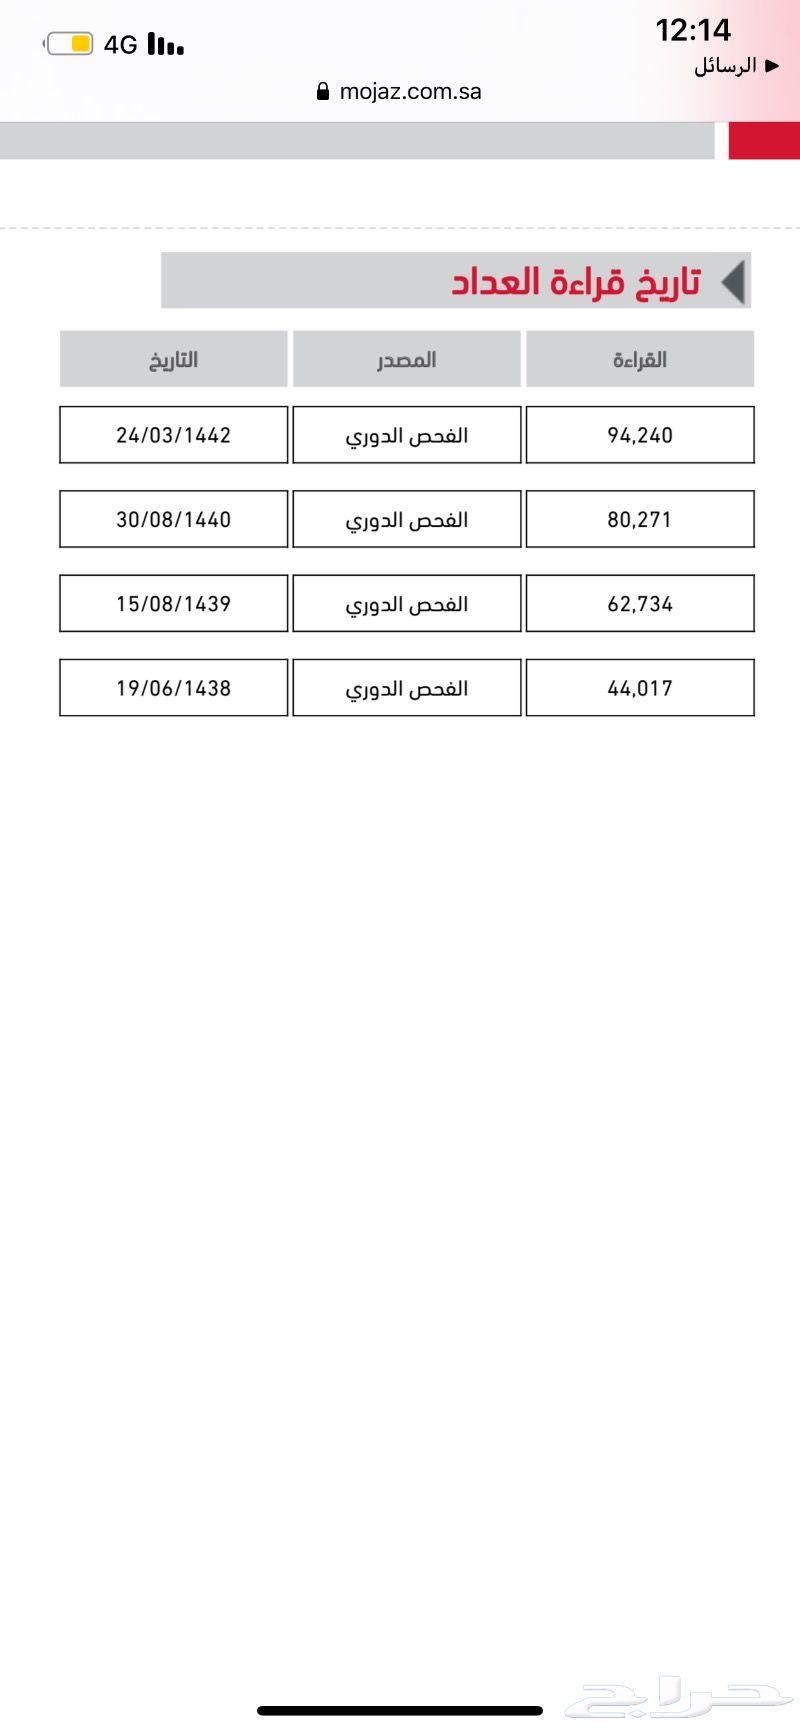 افالون 2014 مخززن سعودي